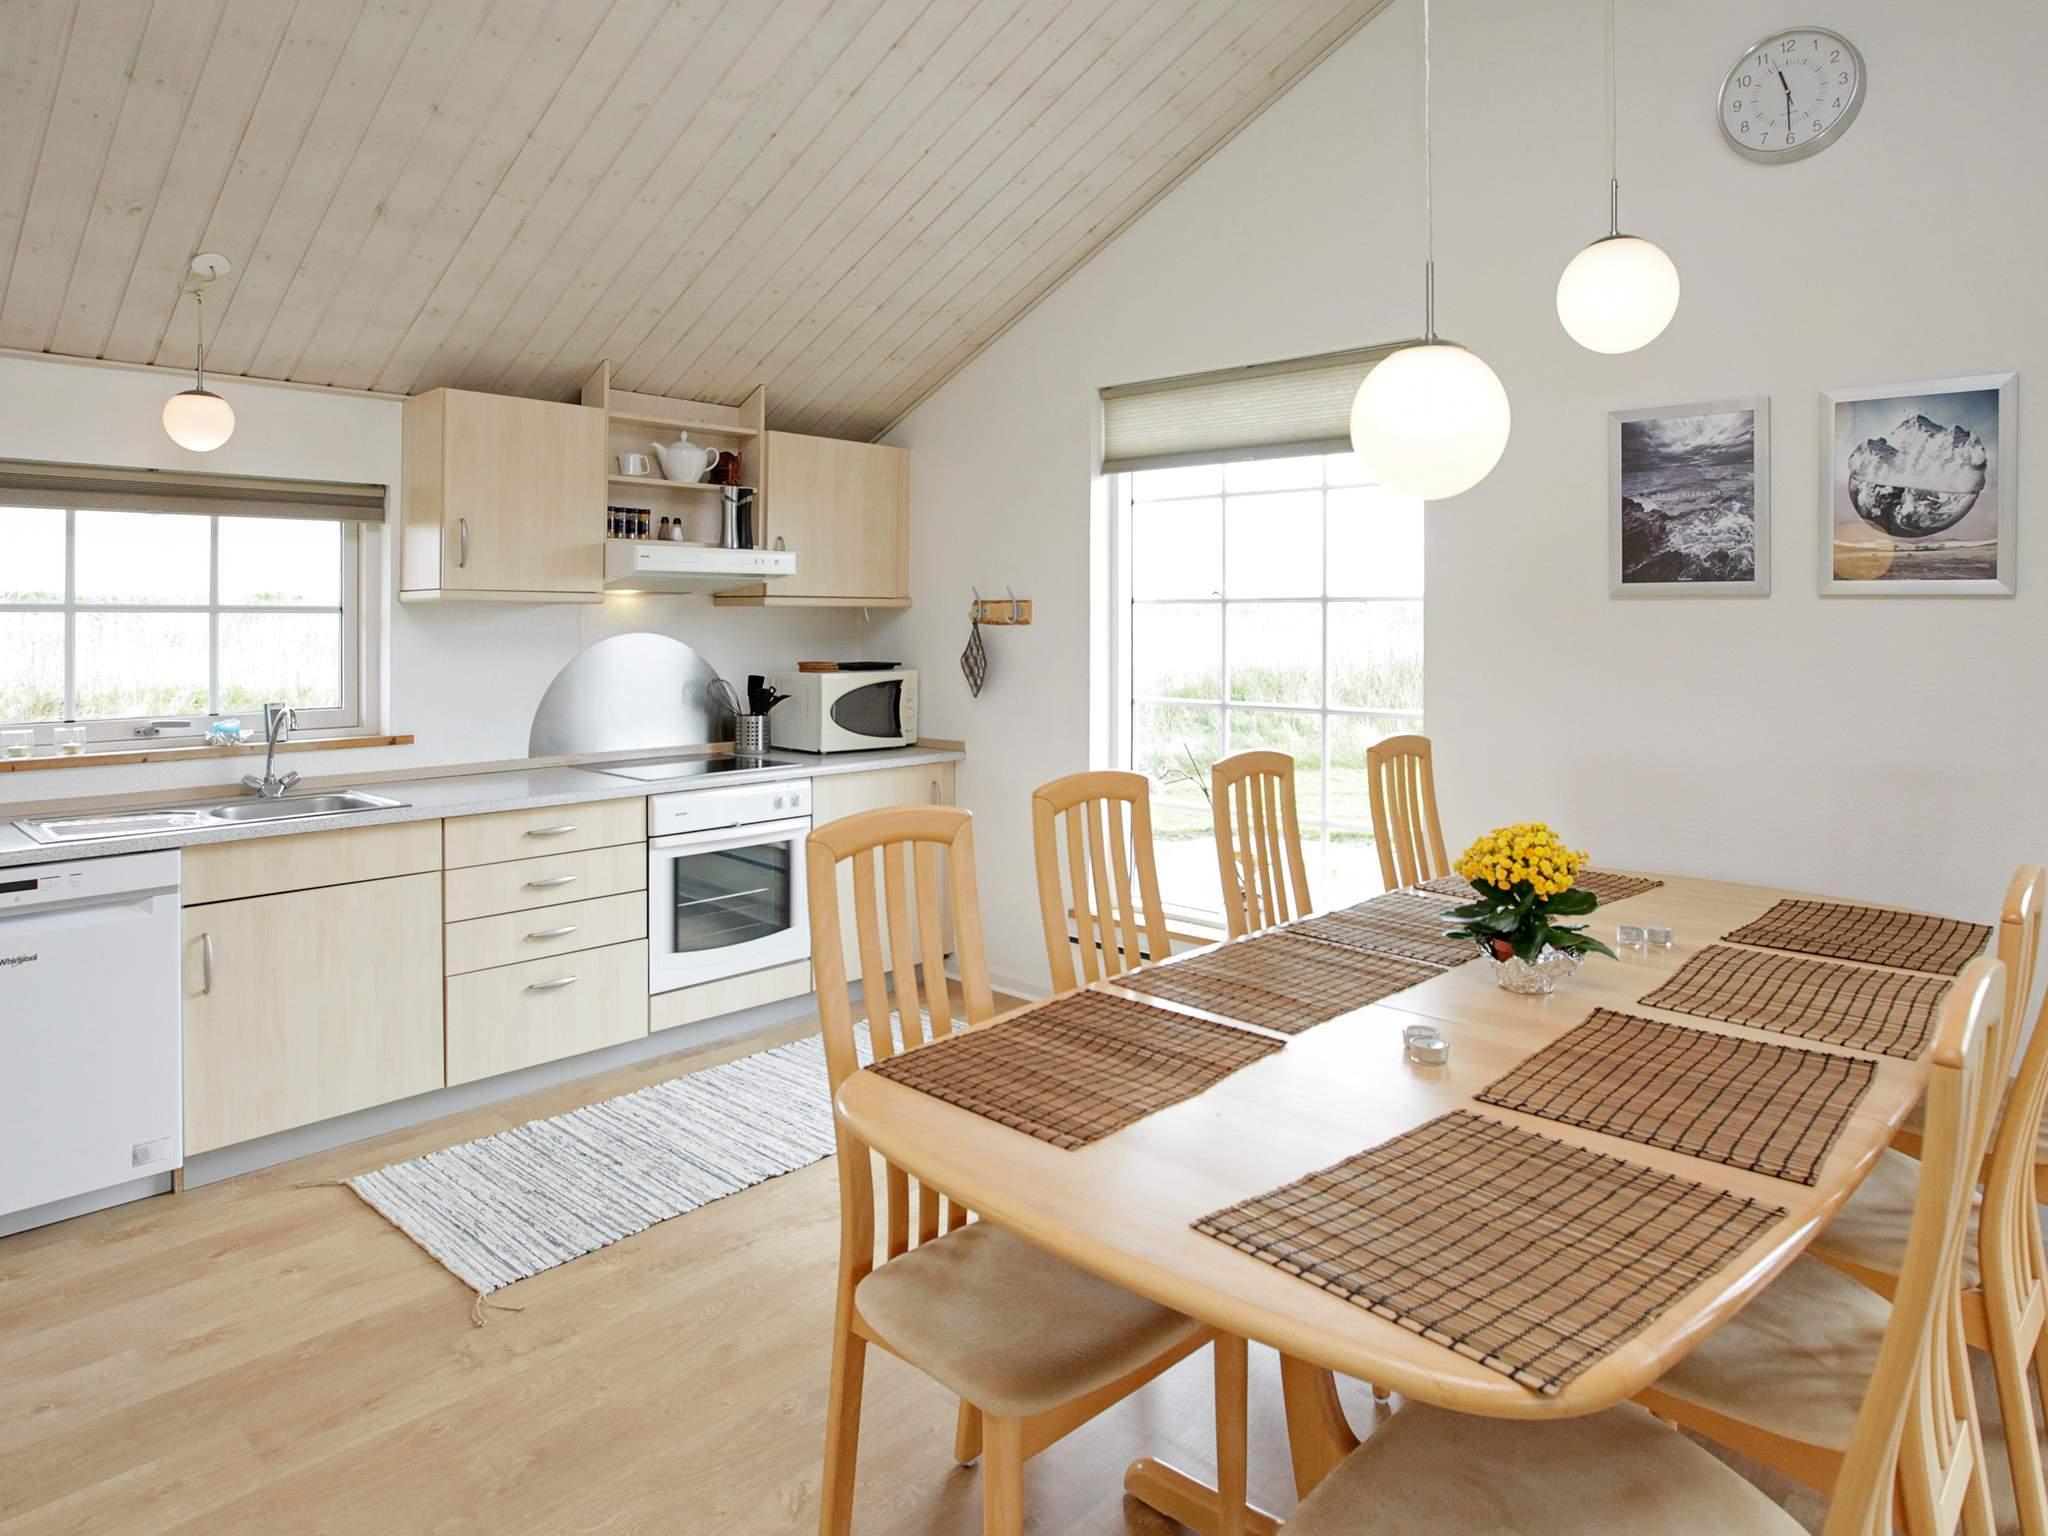 Ferienhaus Løkken (84081), Løkken, , Nordwestjütland, Dänemark, Bild 3